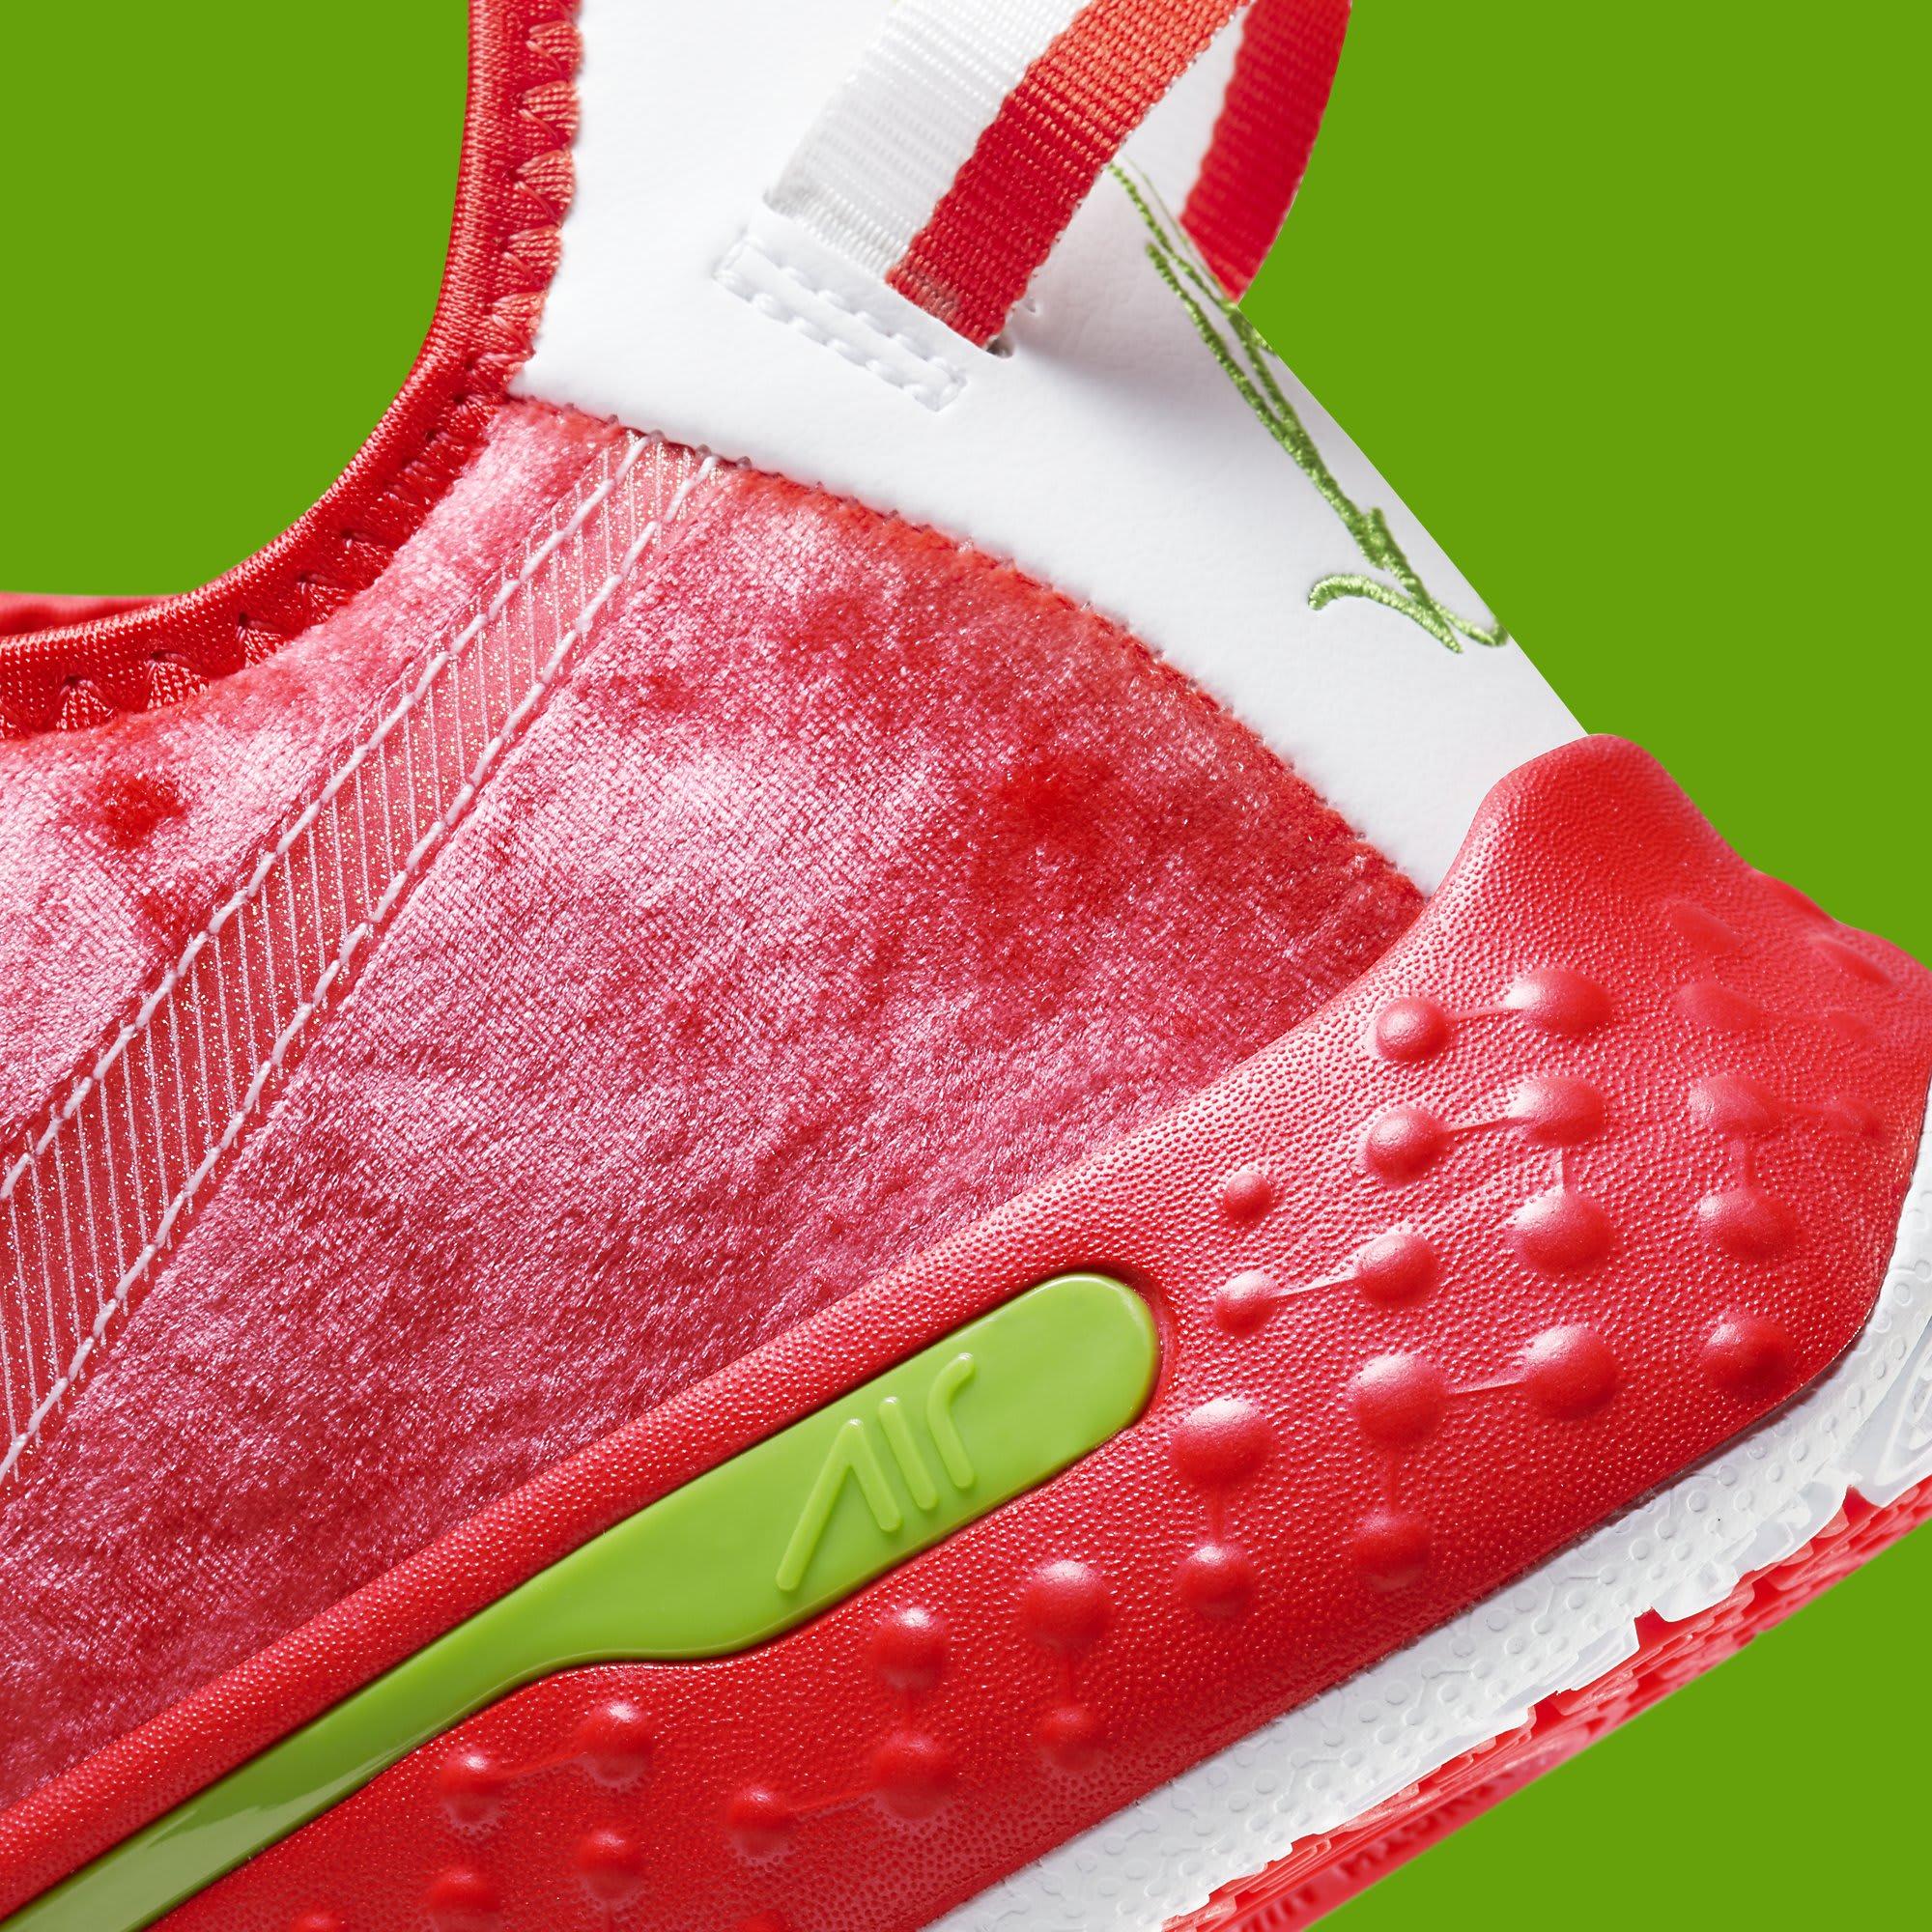 Nike PG 4 Christmas Release Date CD5082-602 Heel Detail